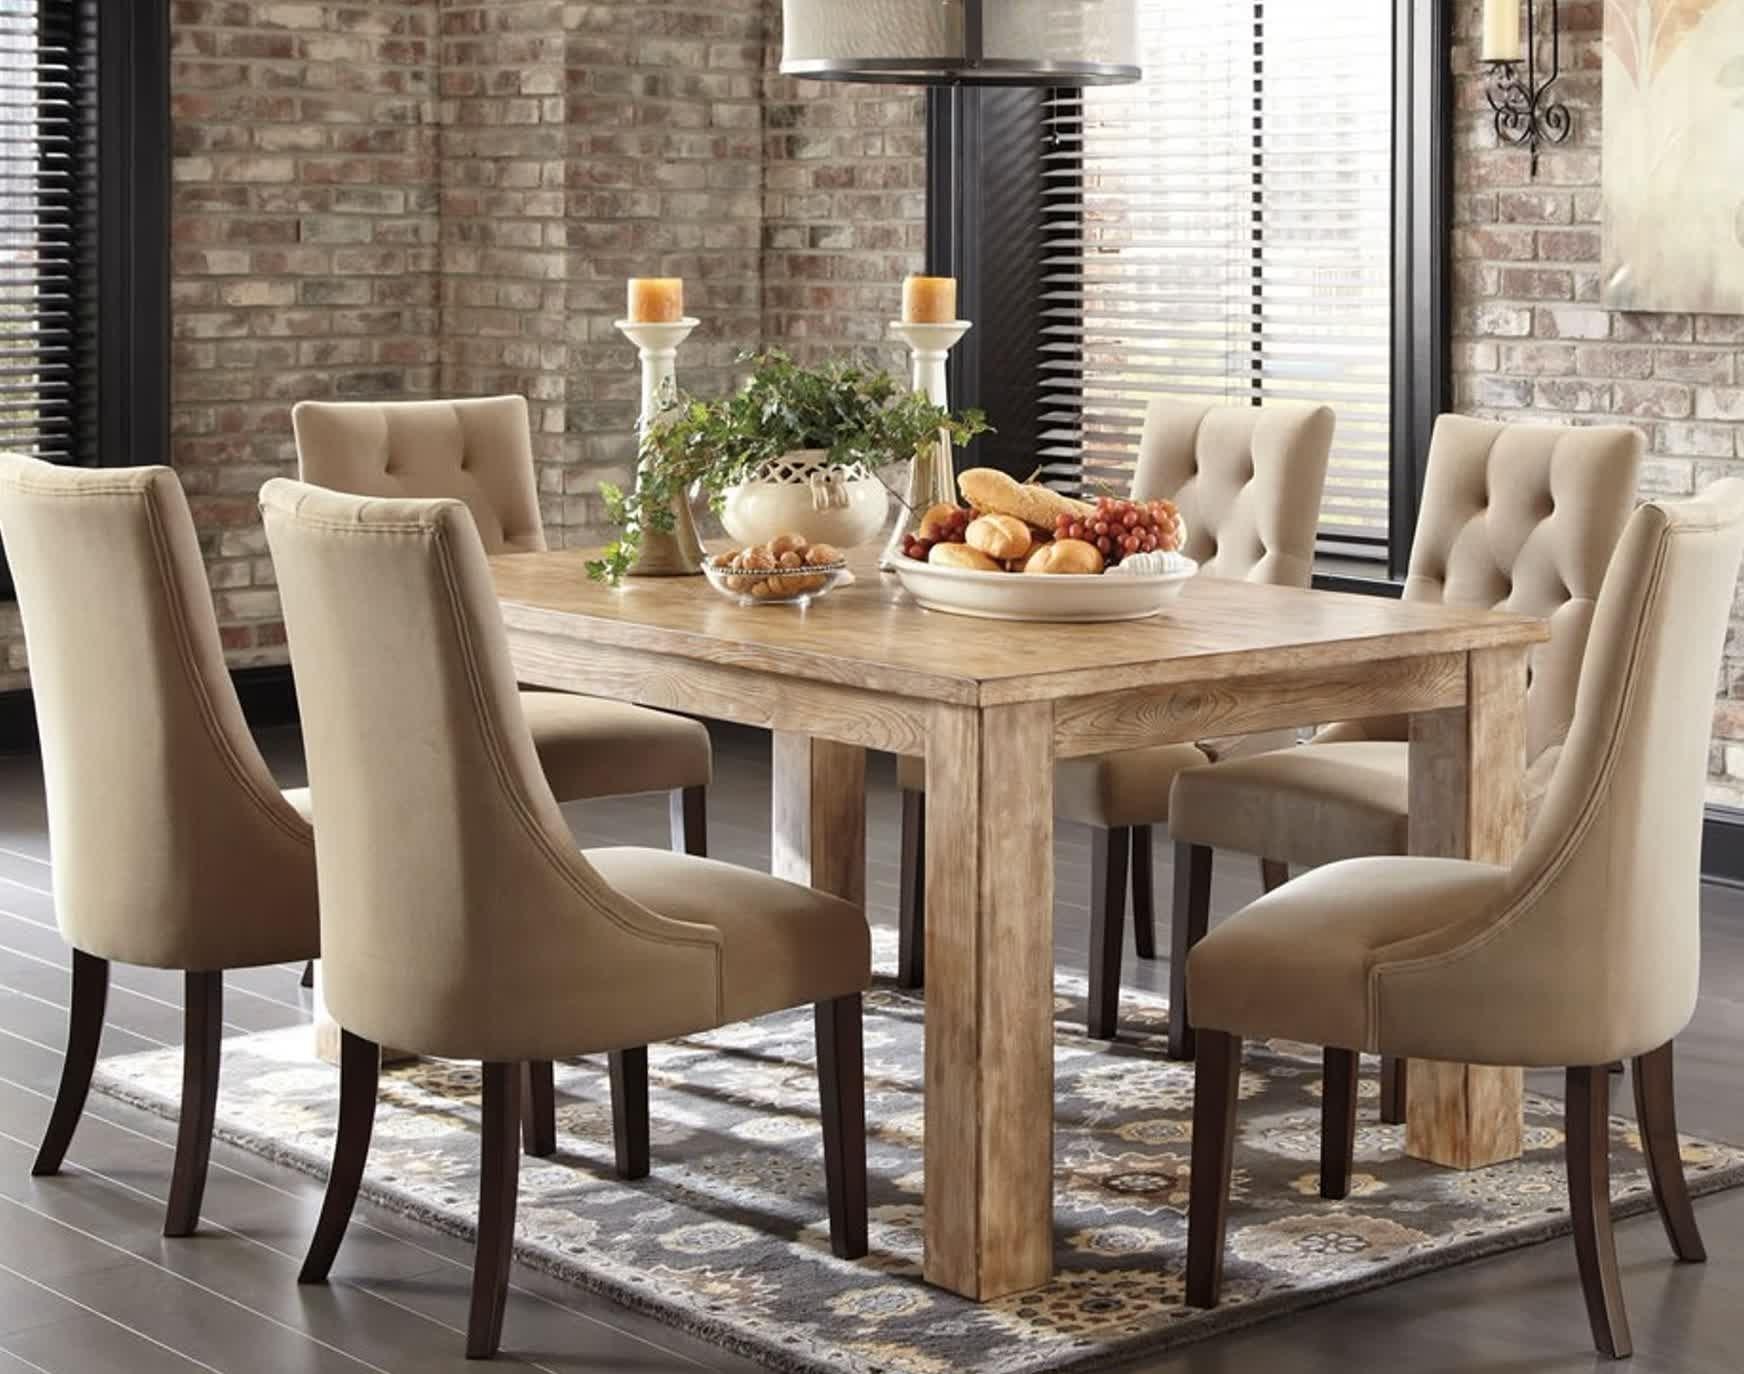 2017 Tavolo E Sedie Per Sala Da Pranzo Foto E Sala Da Pranzo Sala Da Regarding Palazzo 6 Piece Dining Sets With Pearson Grey Side Chairs (View 9 of 25)